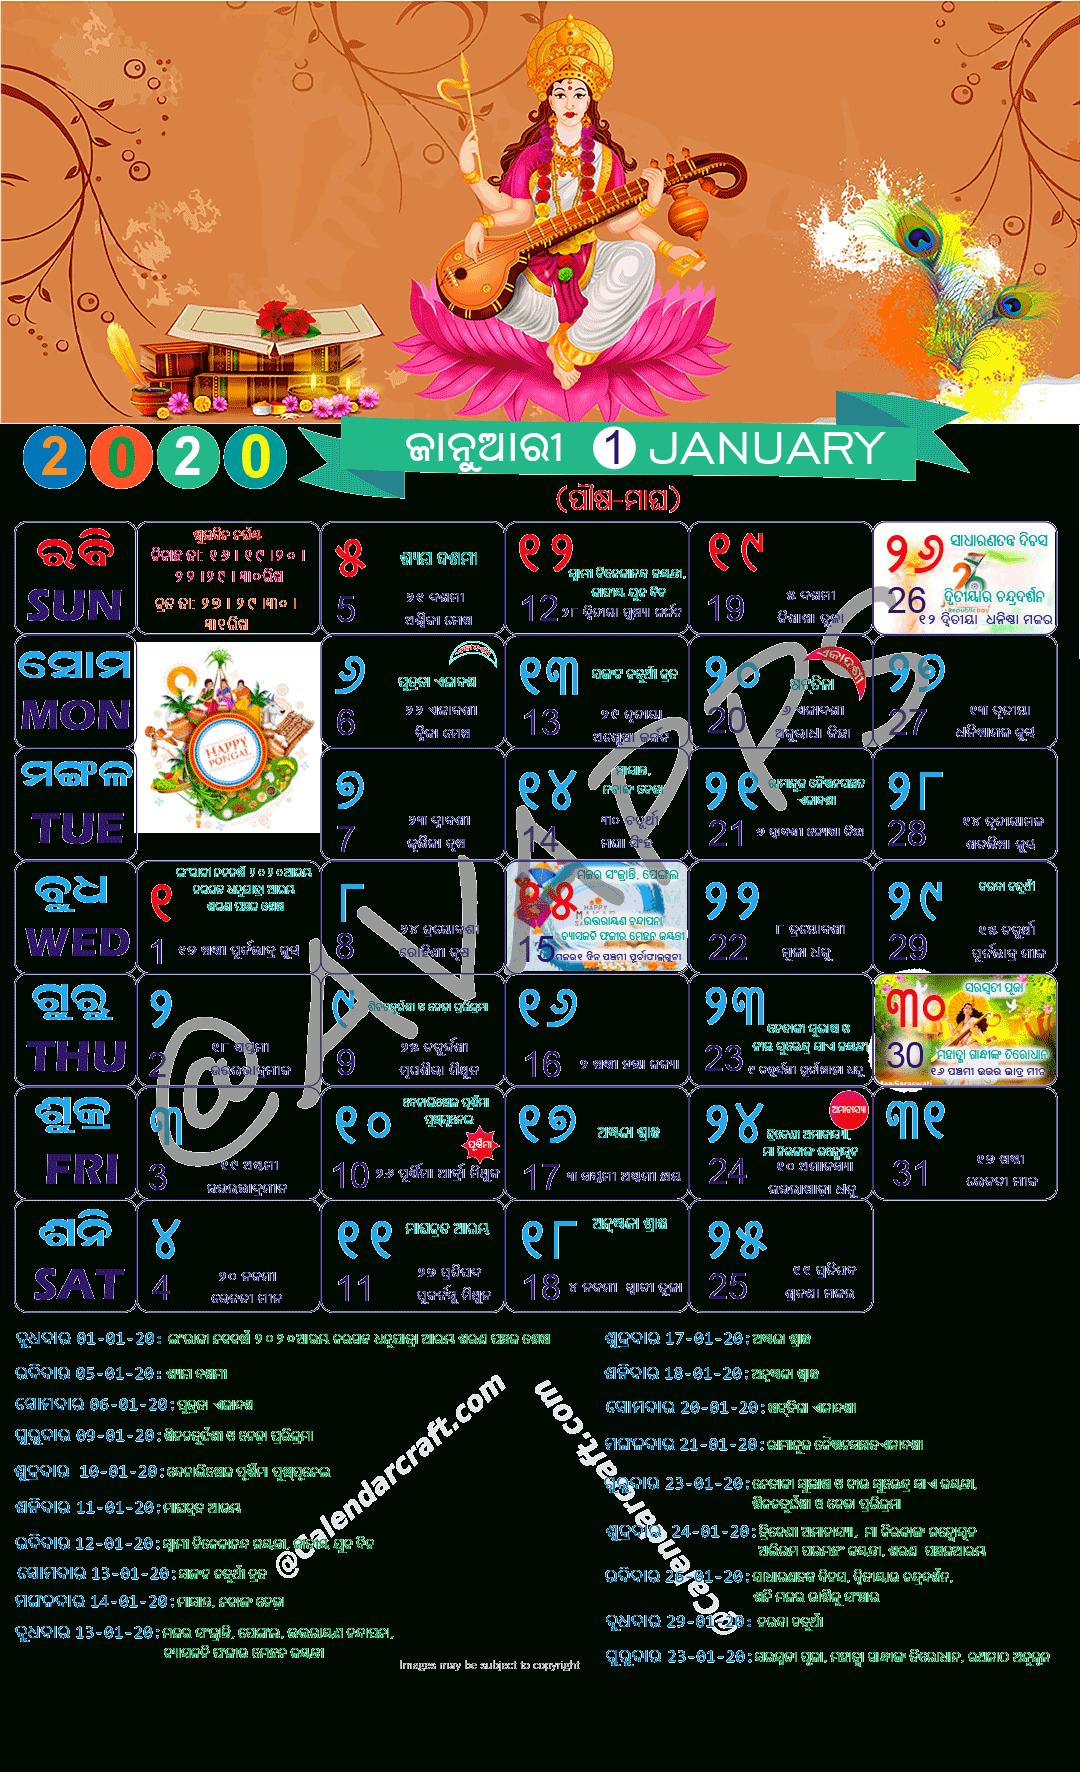 Odia Calendar 2020 Kohinoor Pdf | Seg intended for Oriya Calendar 2020 February